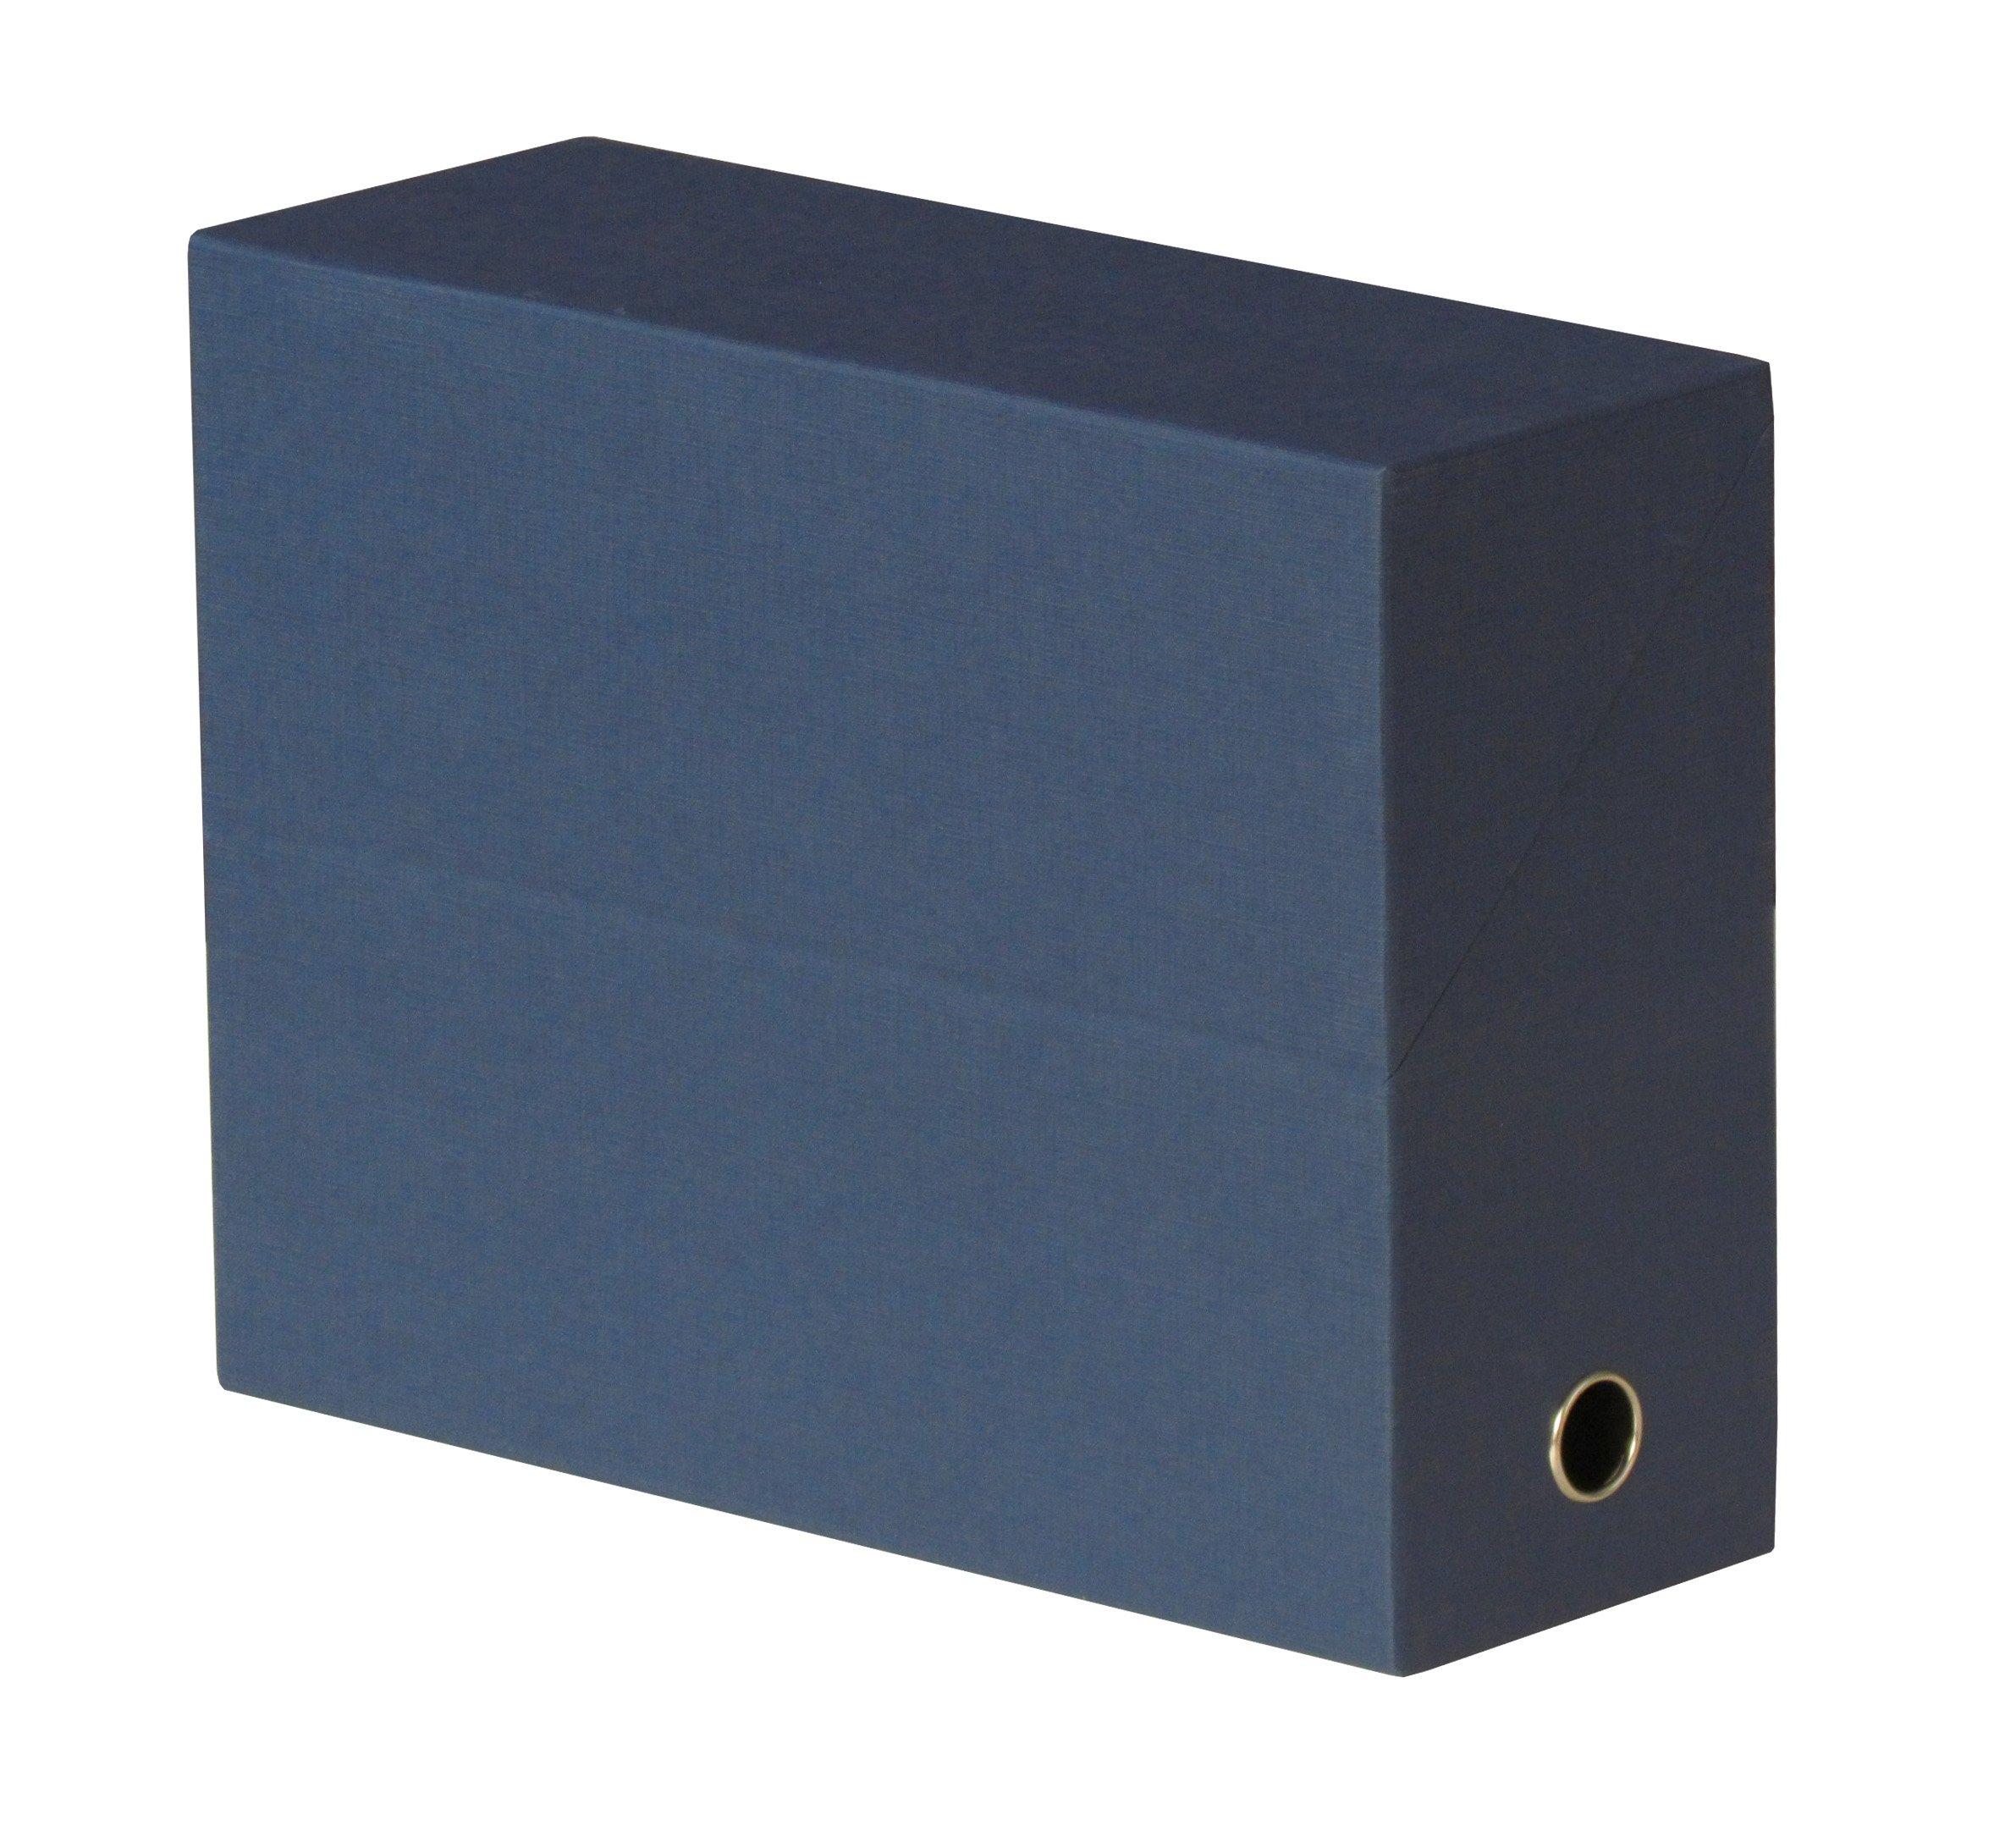 Fast 100725579 caja de transferencia ancho 12 cm Marino: Amazon.es: Oficina y papelería